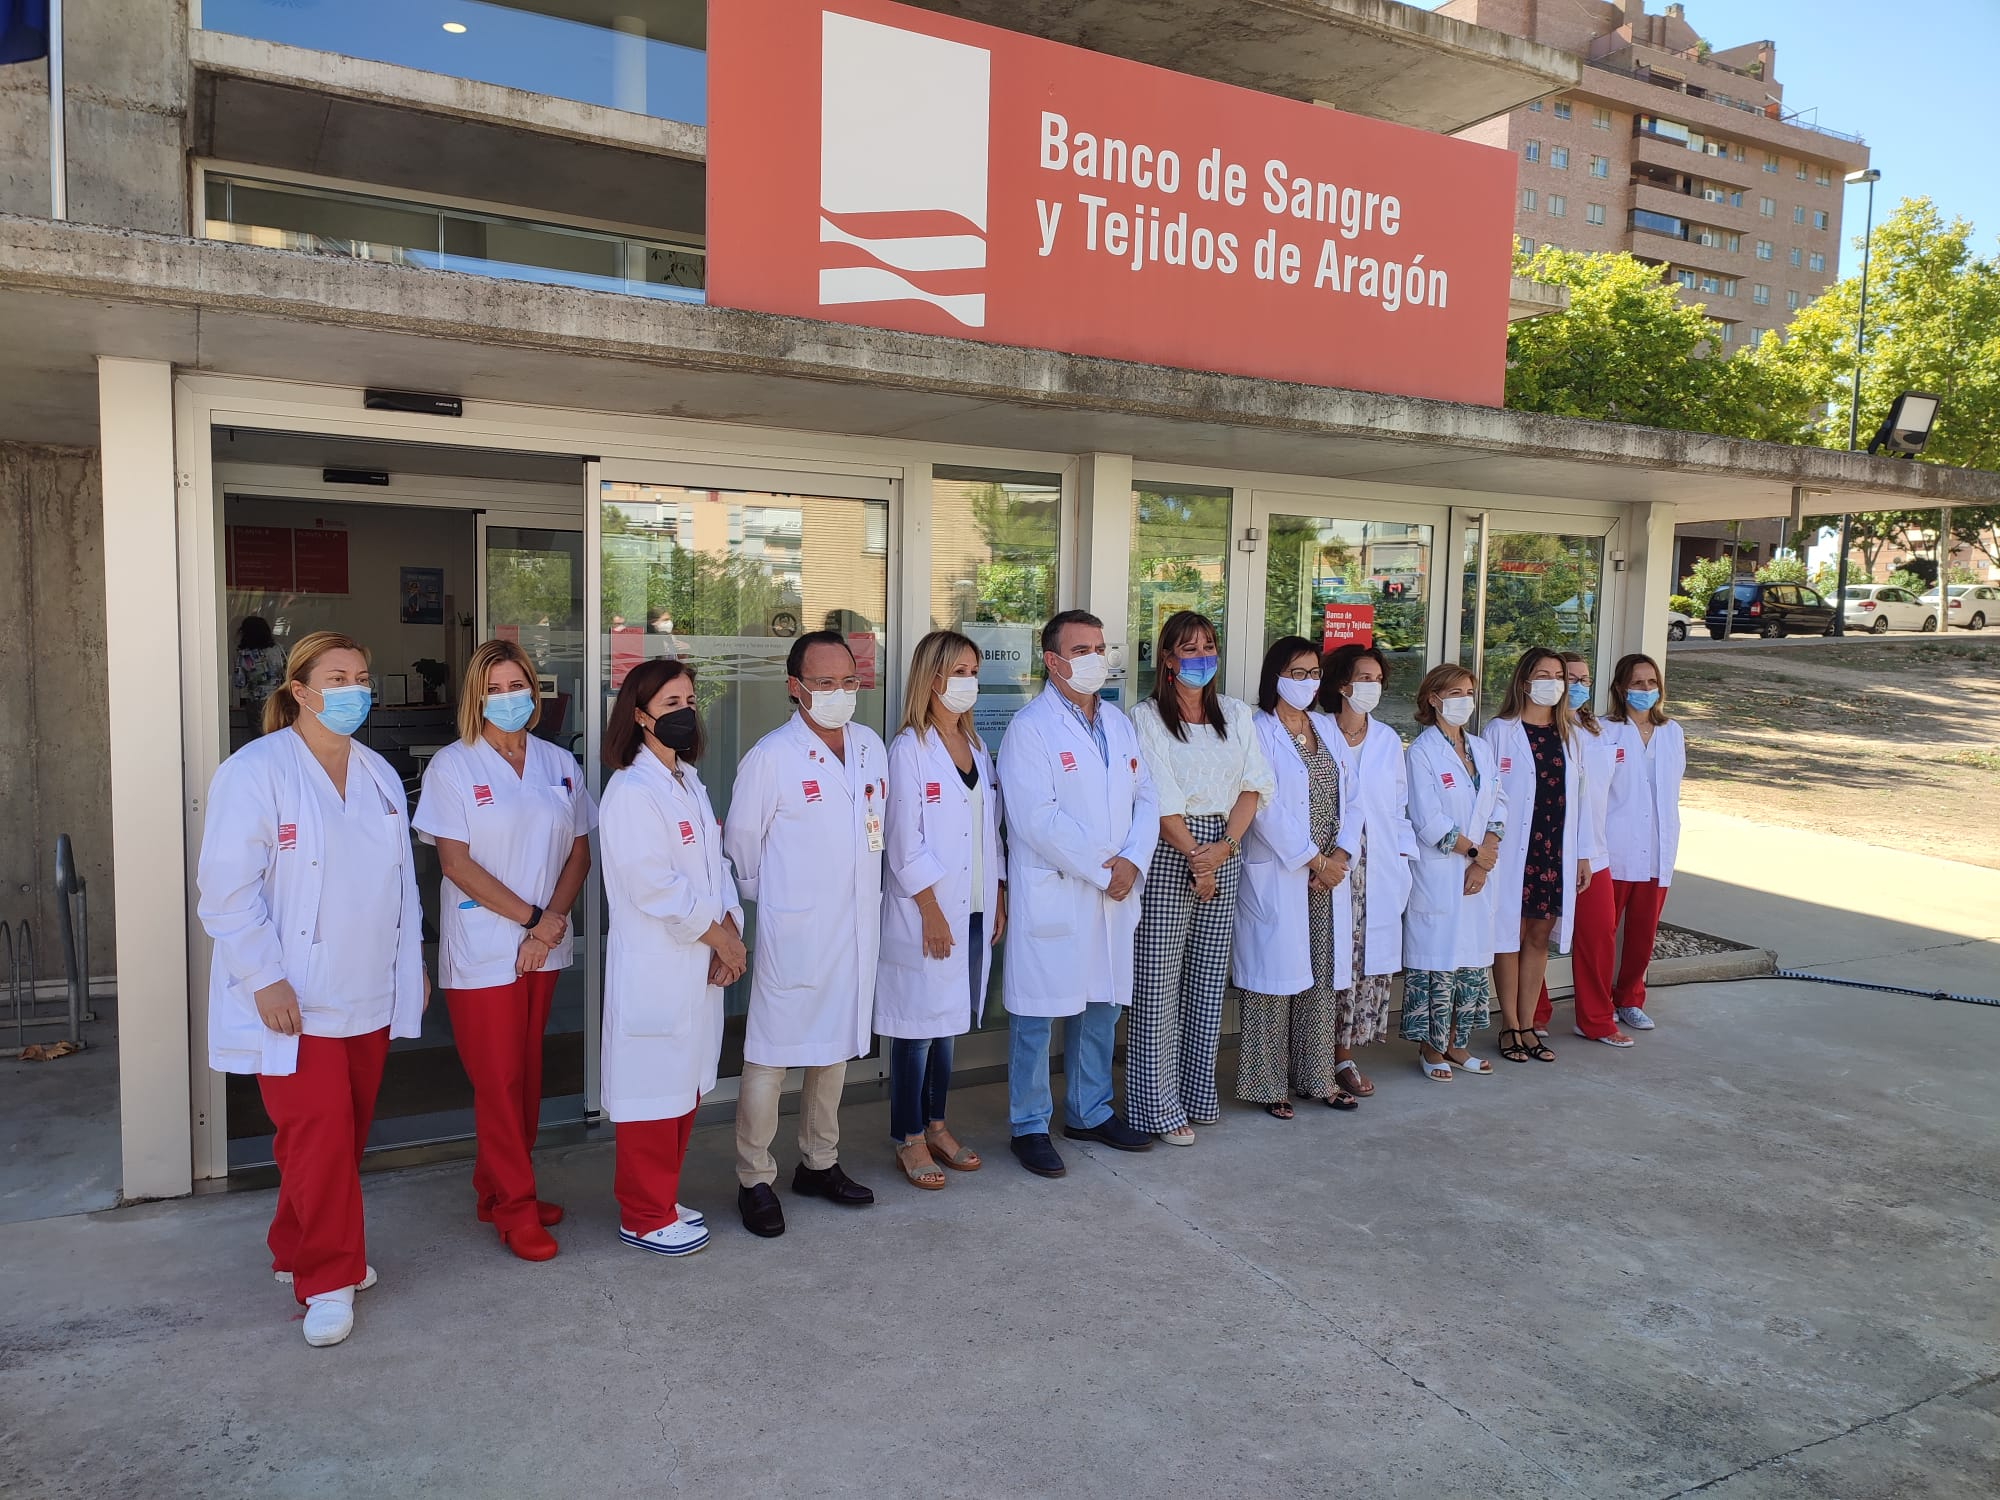 """""""Centralizar la sangre permite avanzar en asistencia e investigación"""". La consejera de Sanidad, Sira Repollés, visitó el Banco de Sangre con motivo de su 15 aniversario"""